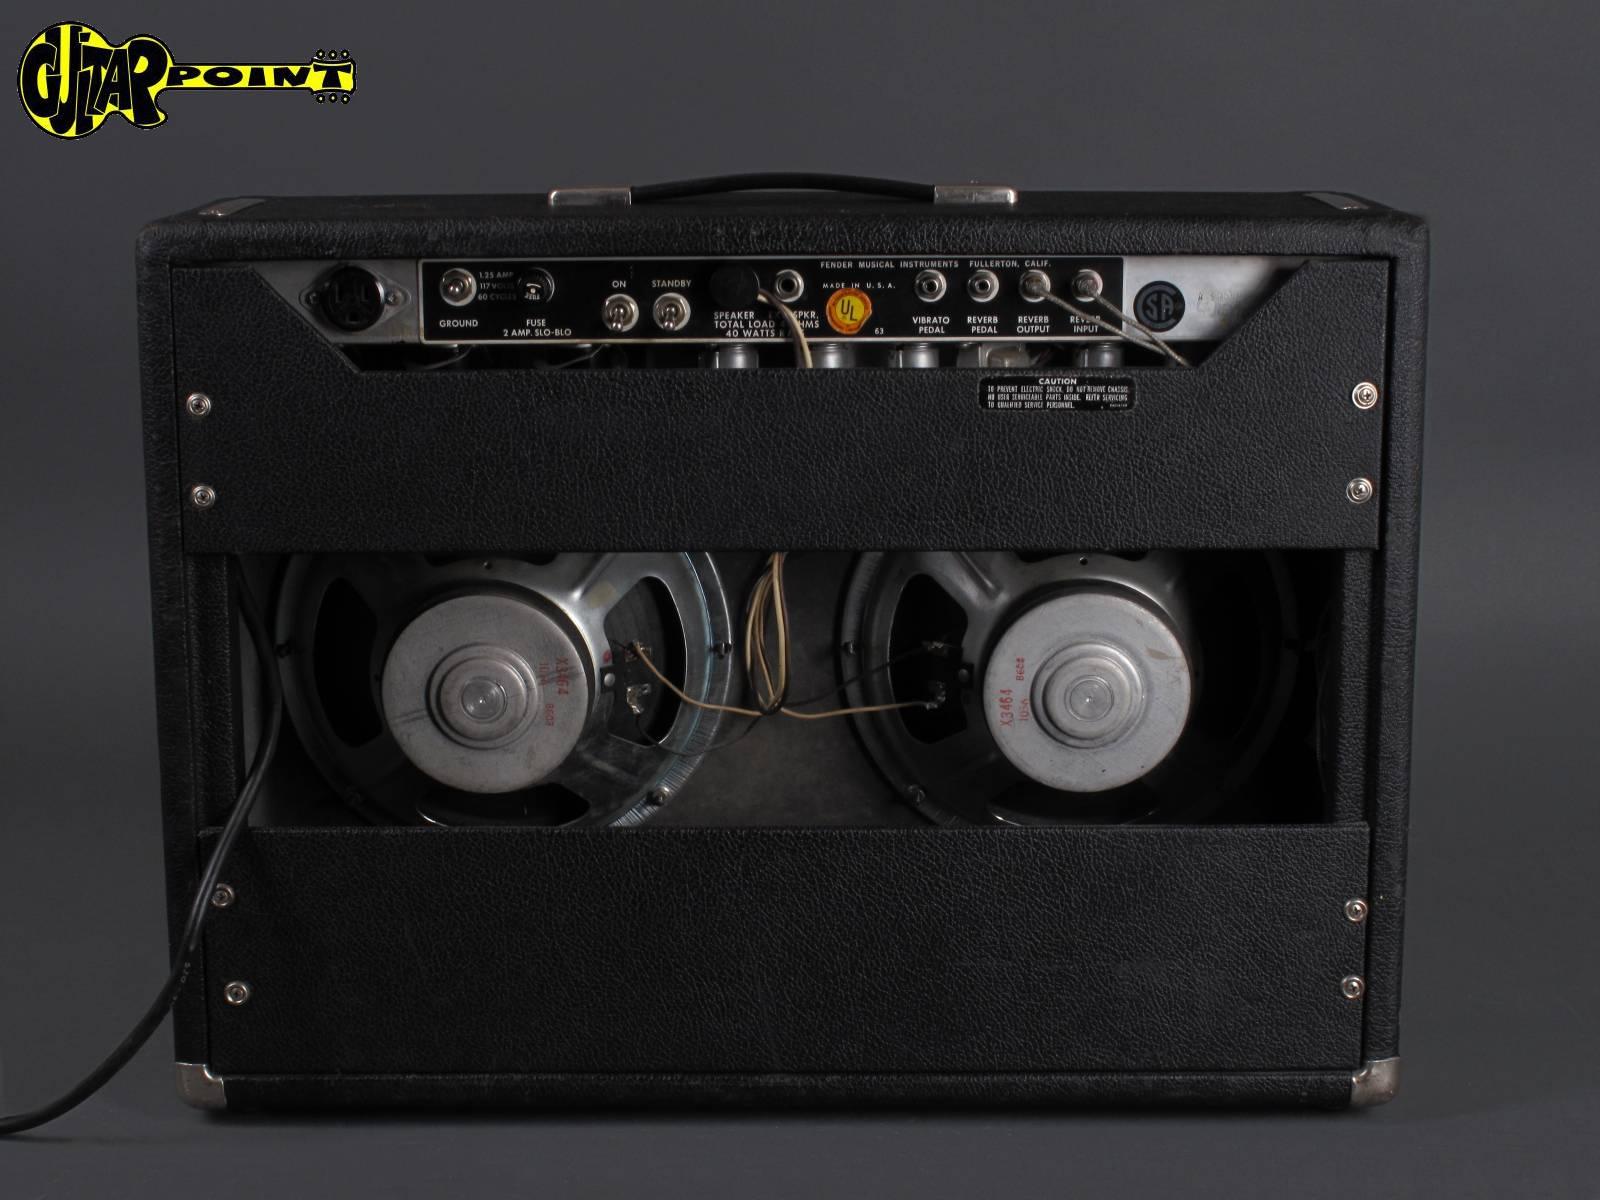 1971 fender vibrolux reverb amp vi71fevibroluxra24300. Black Bedroom Furniture Sets. Home Design Ideas